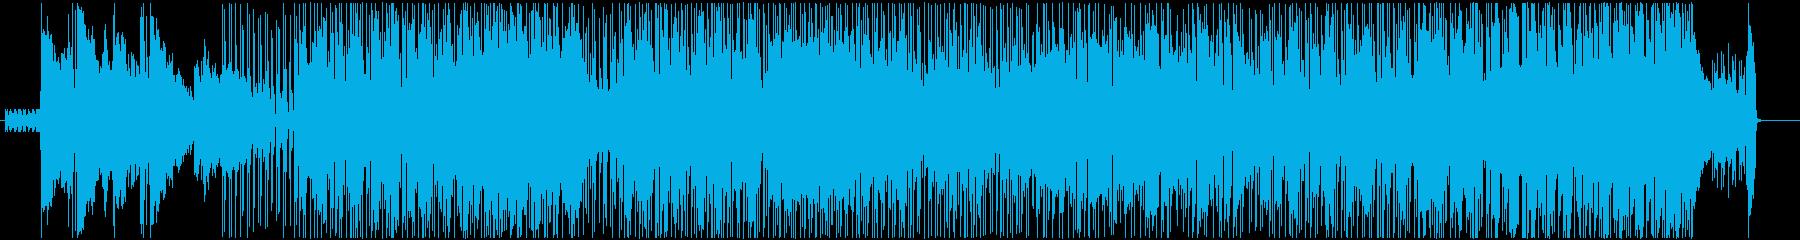 クリスマスの歌といくつかのハヌカの...の再生済みの波形